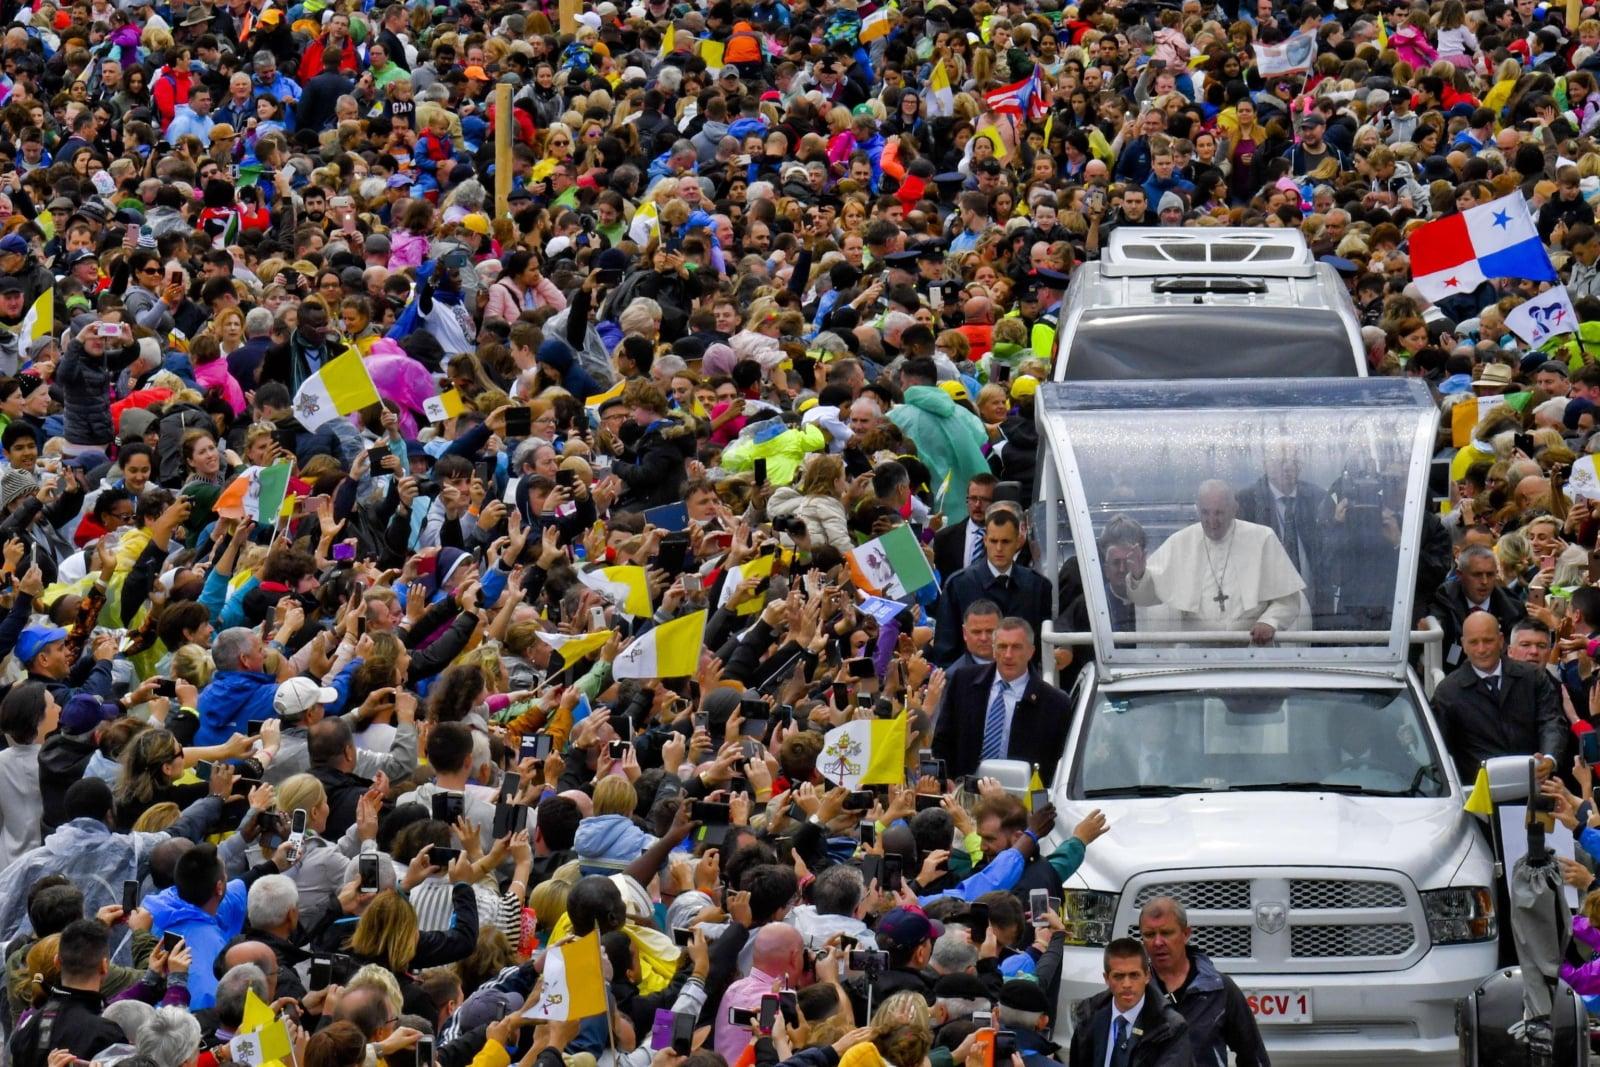 Pielgrzymka papieża Franciszka do Irlandii  EPA/CIRO FUSCO